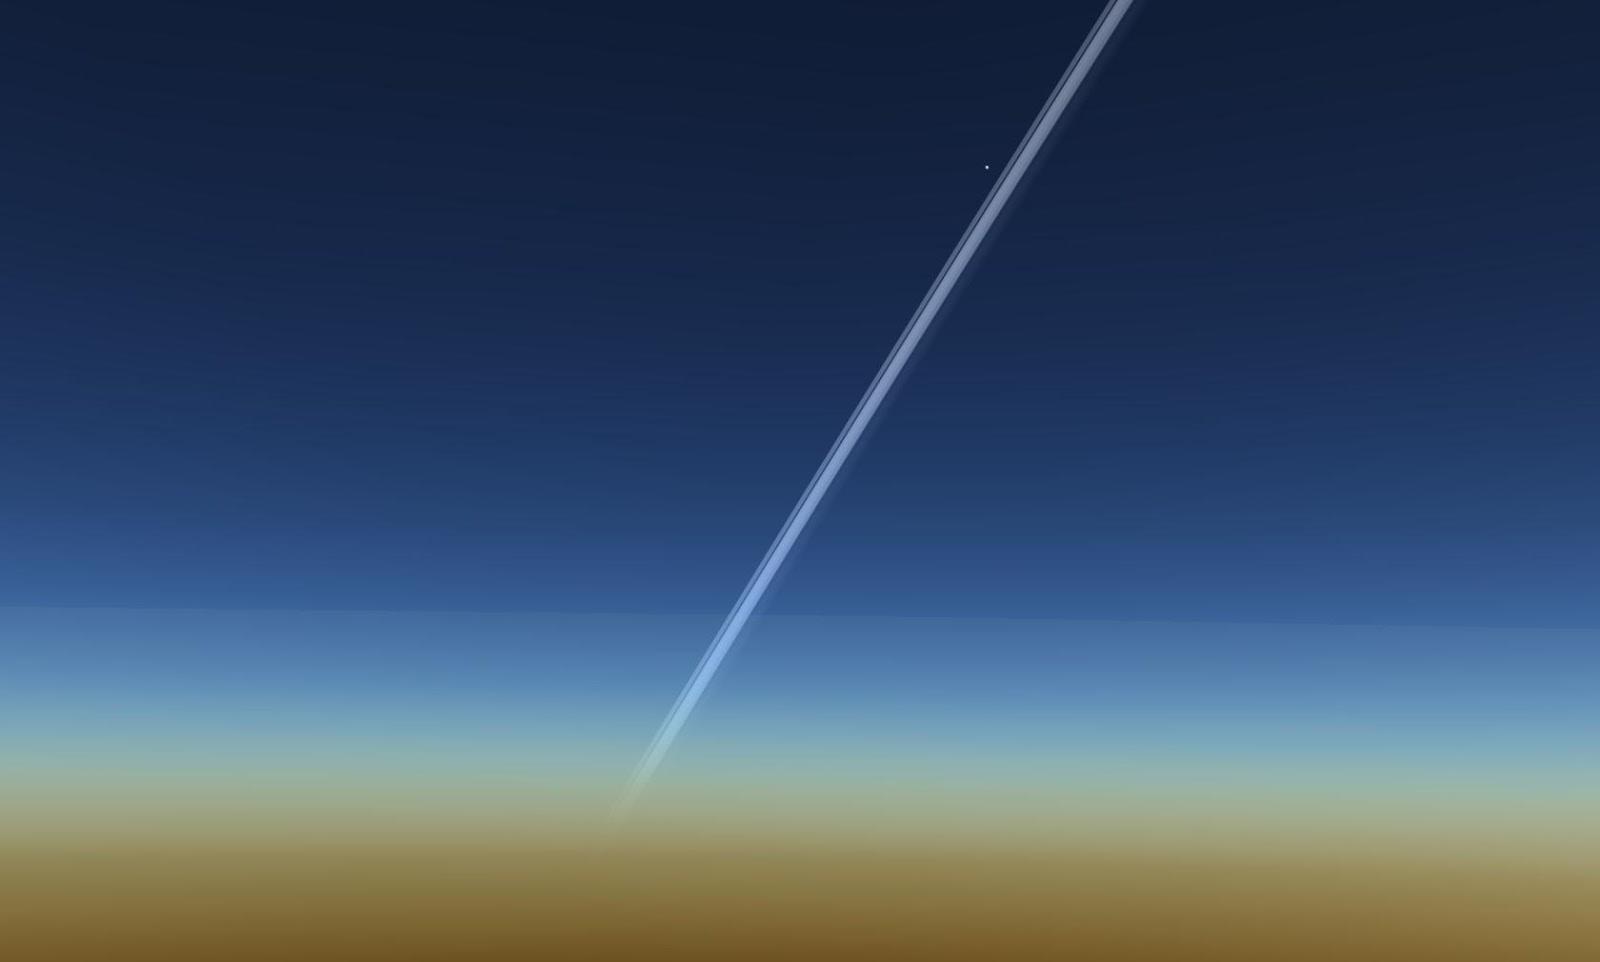 Vành đai của hành tinh Thổ và vệ tinh Enceladus của nó. Tác giả : John Brady ở Astronomy Central trên mạng xã hội Reddit.